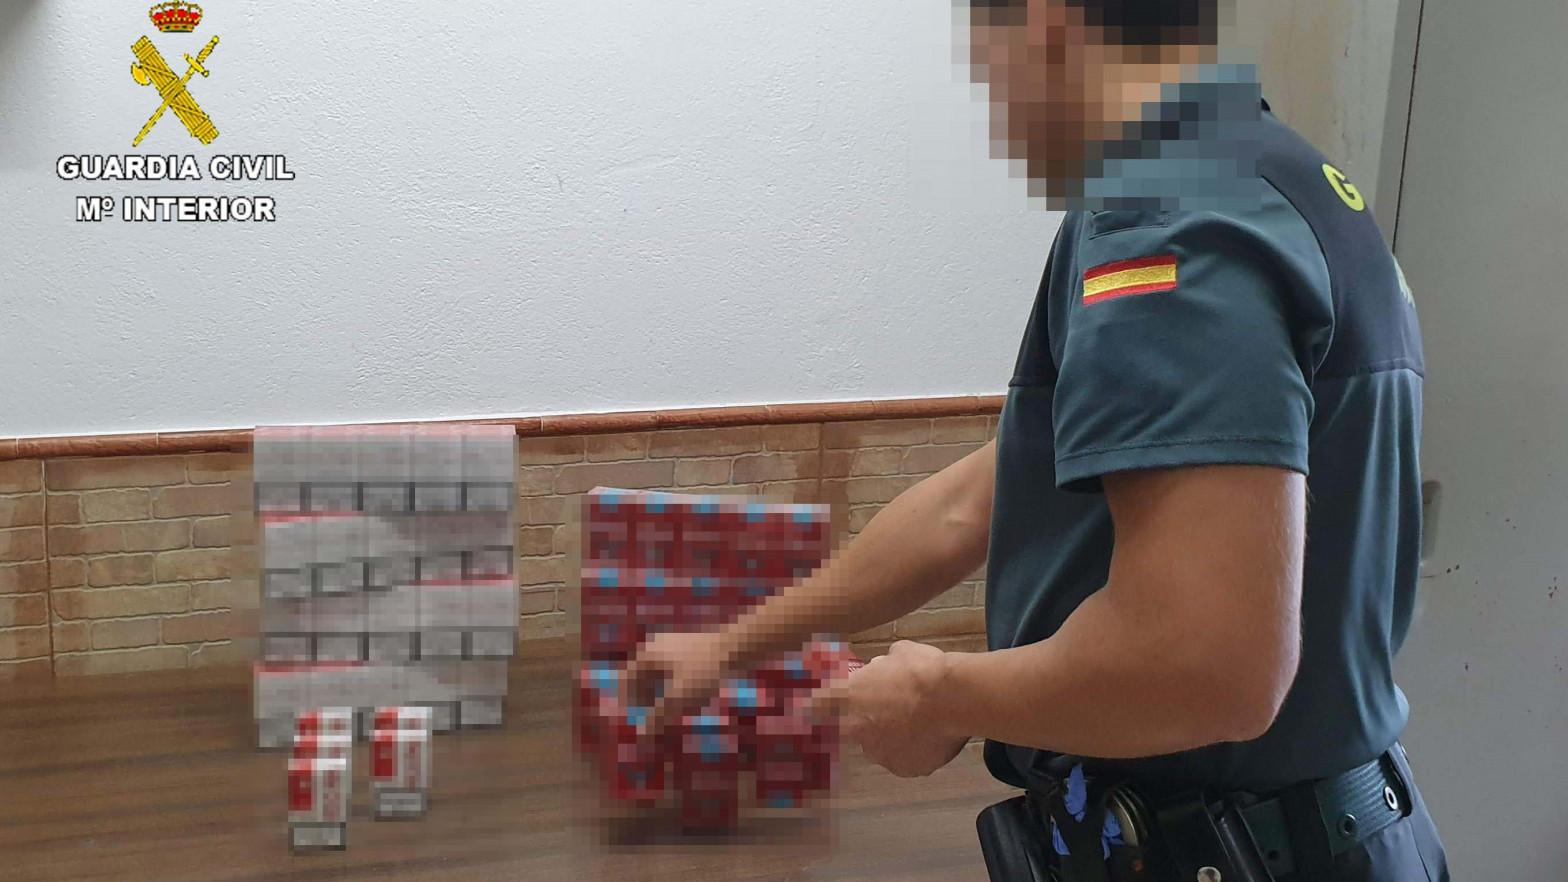 La Guardia Civil desarticula una red criminal internacional de venta y producción de tabaco